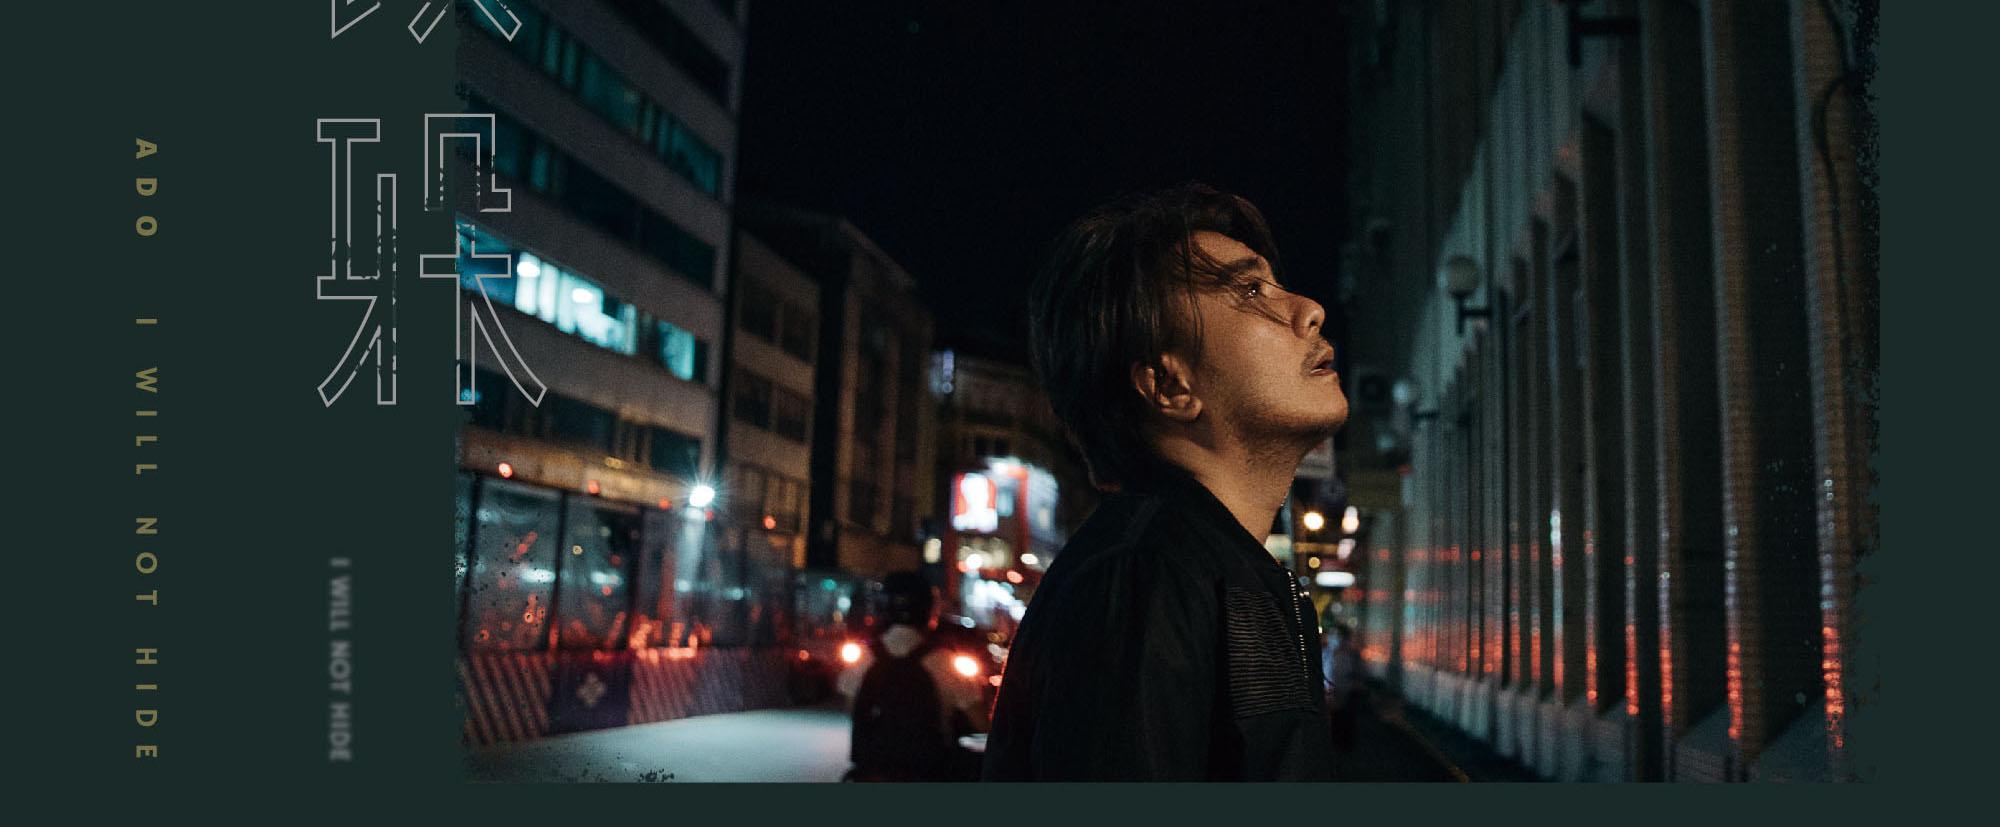 阿杜第十张专辑《我不该躲》今日发行